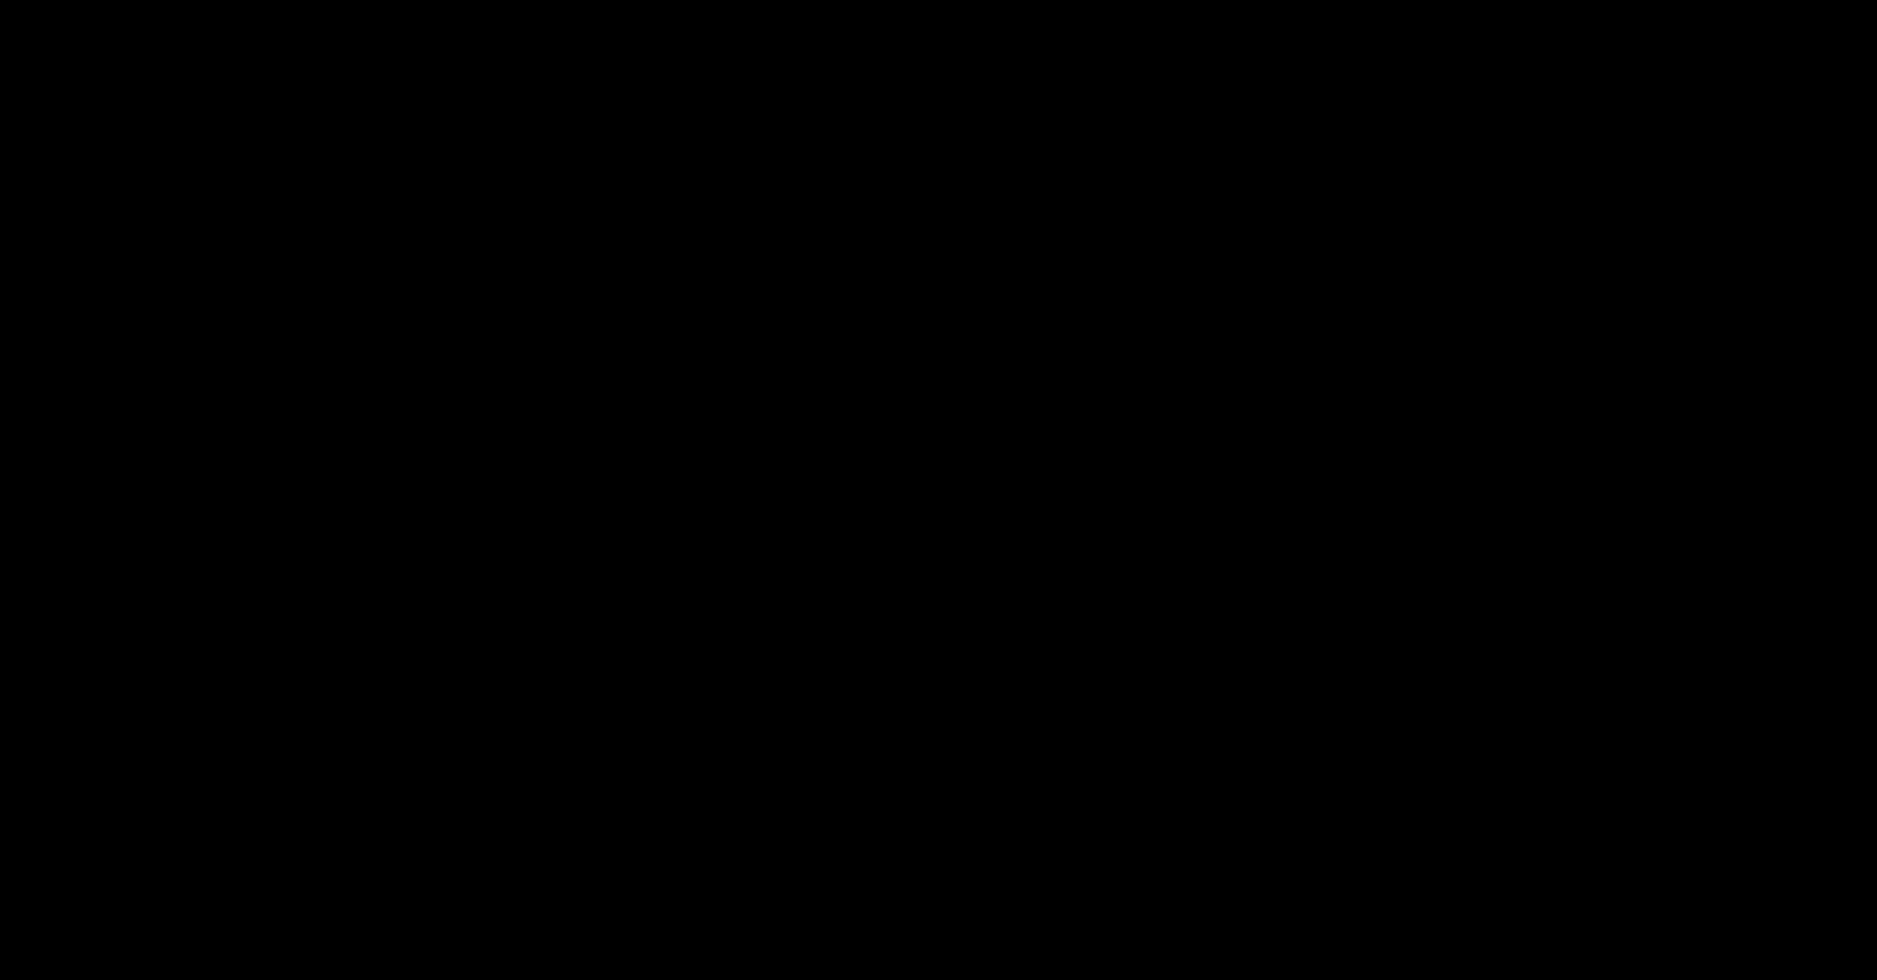 logo dell'aquila png